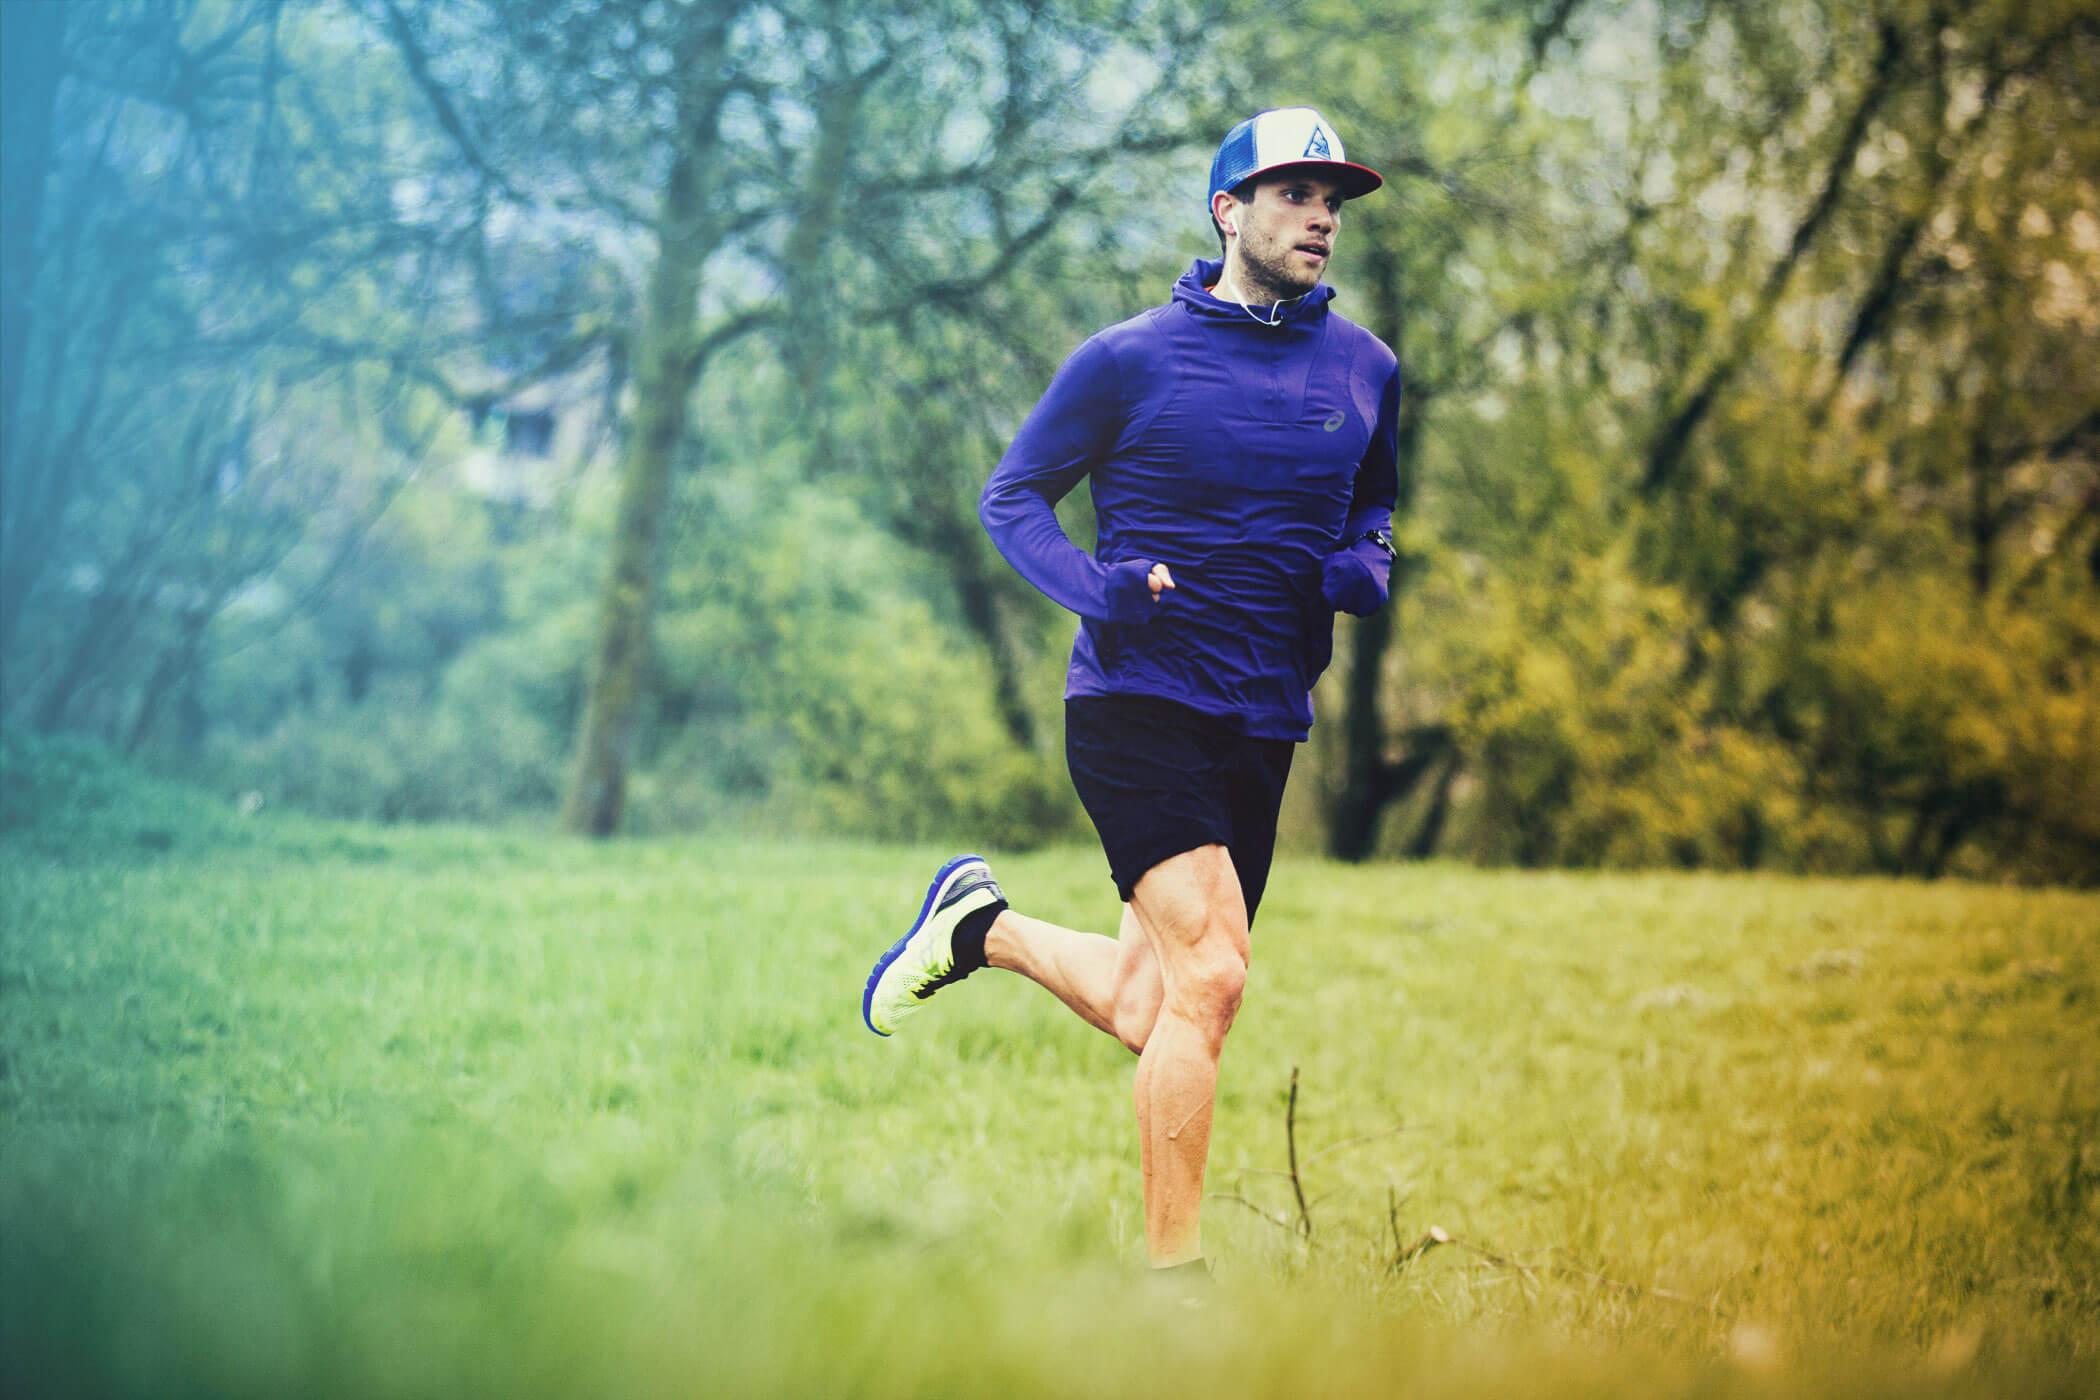 Laufverletzungen – Fersensporn, Läuferknie, Schienbeinkantensyndrom